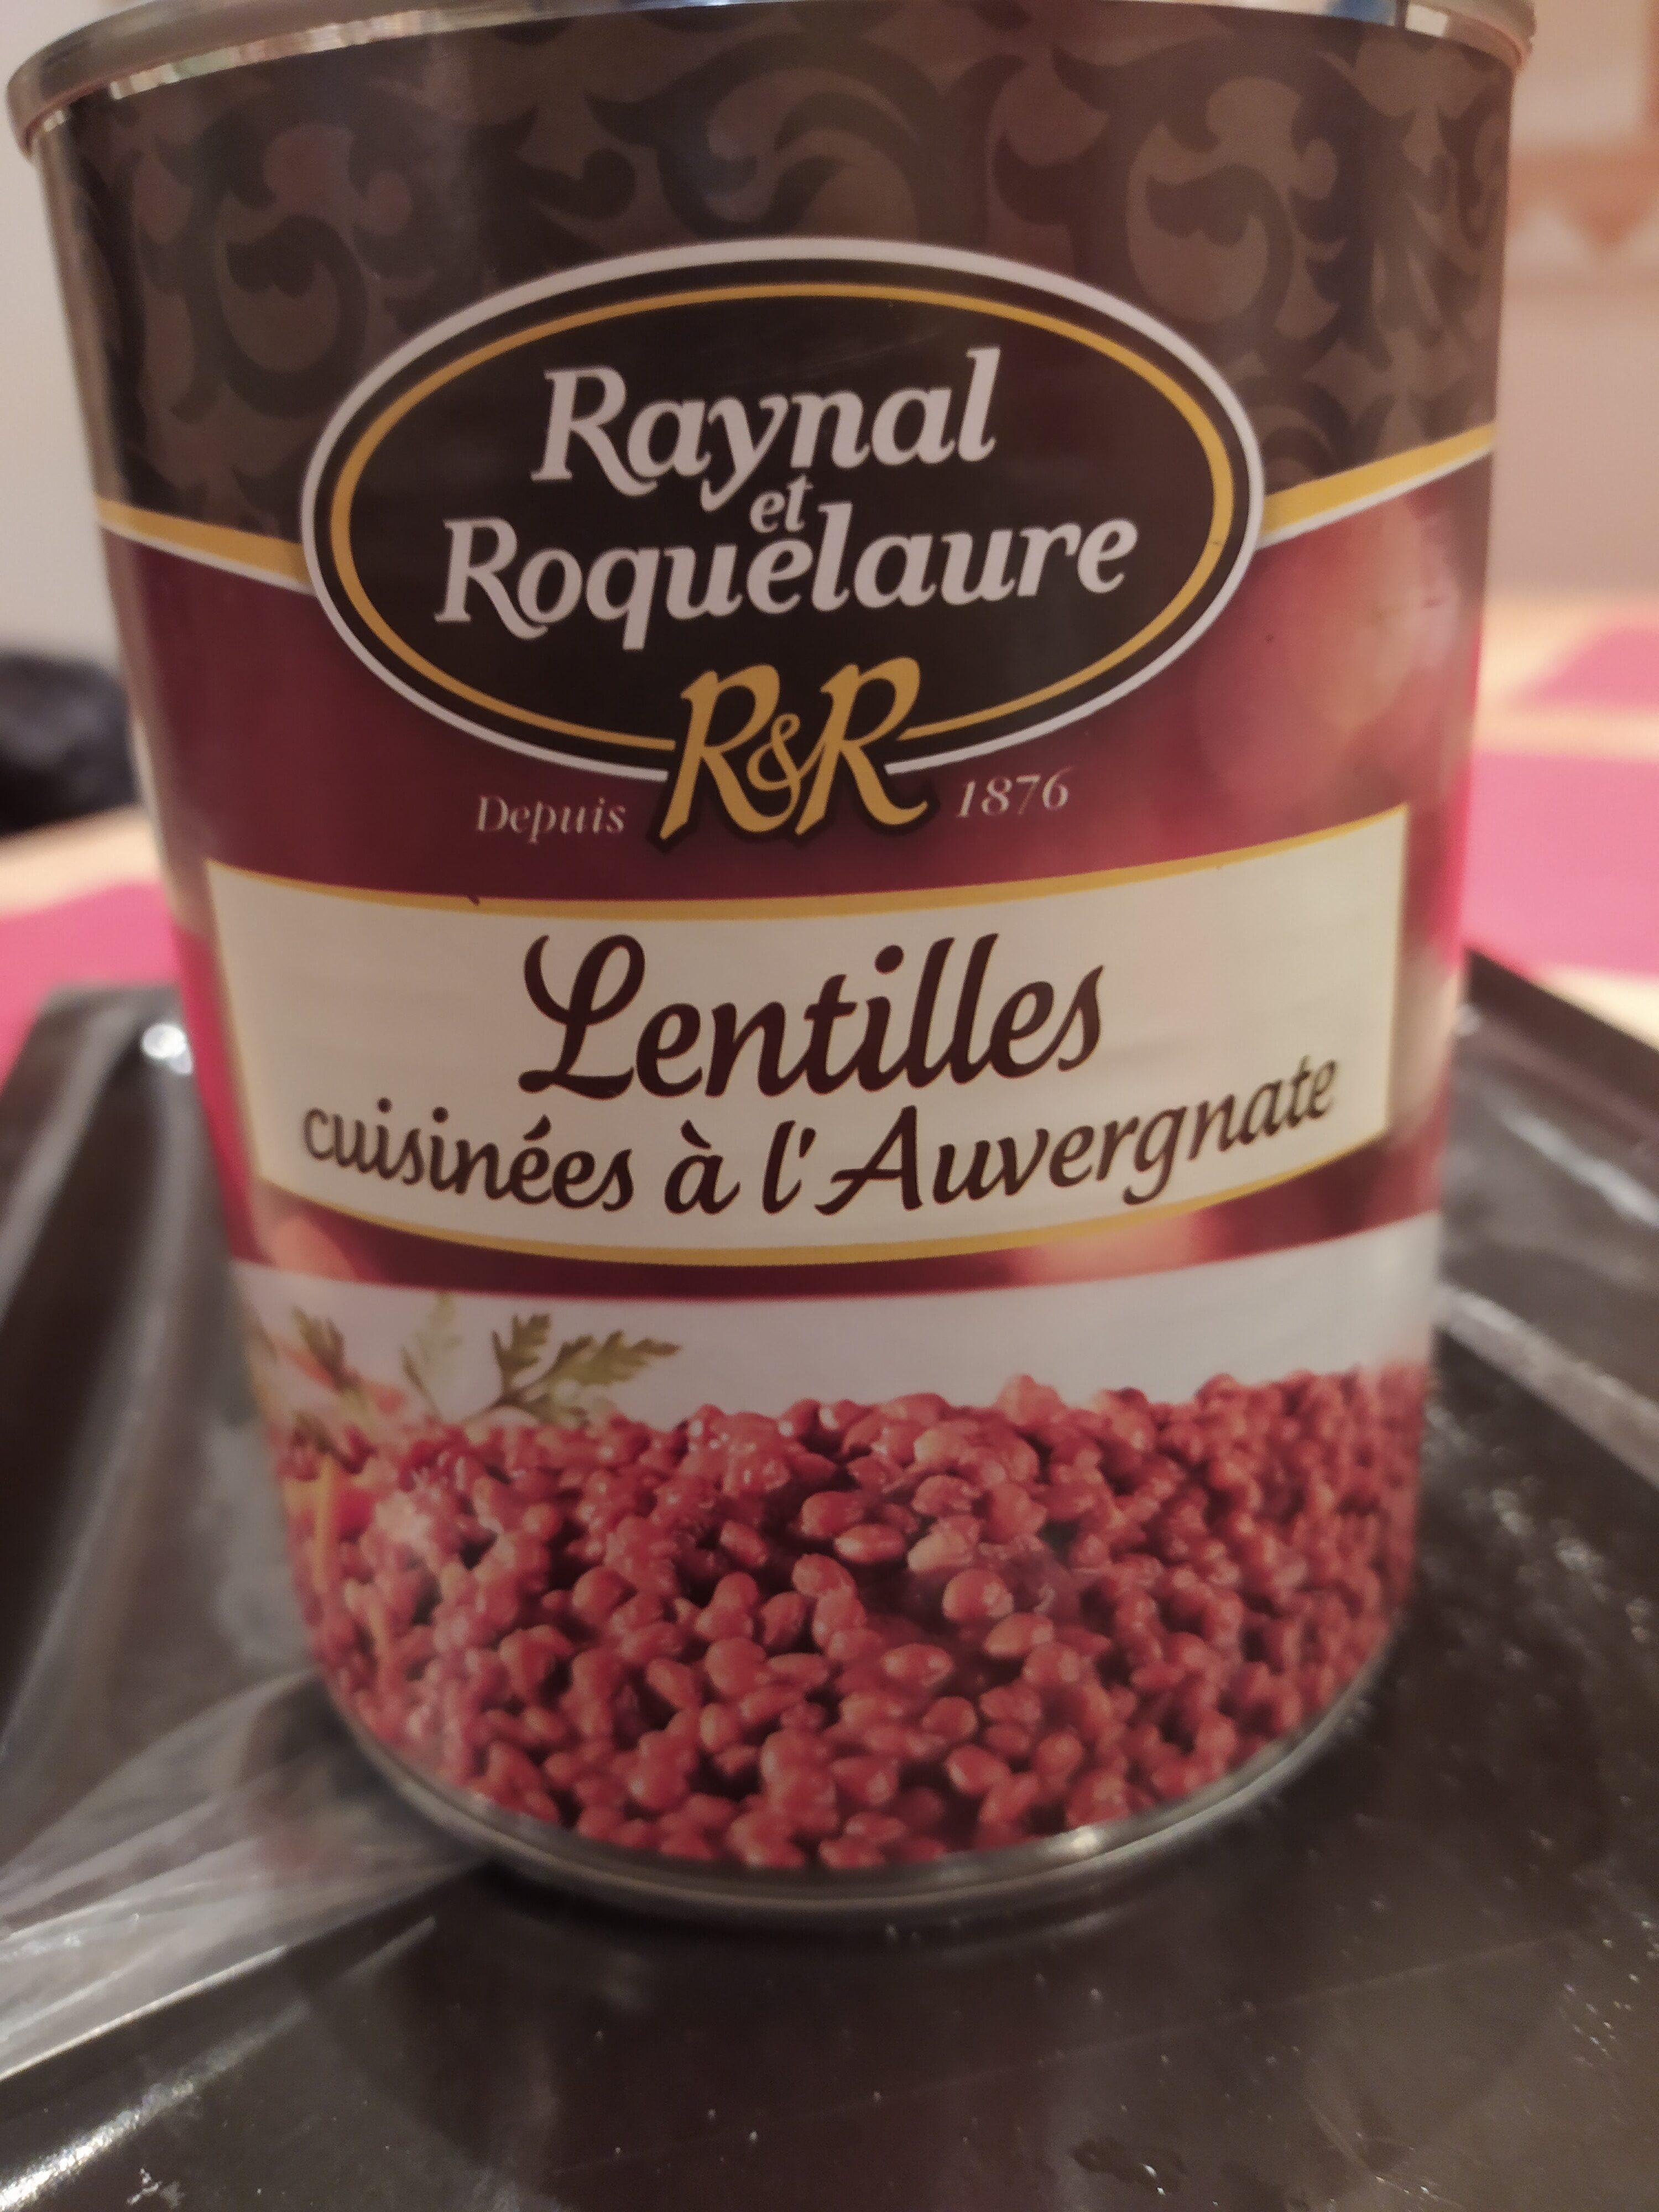 Lentilles cuisinier à l\'auvergnate - Product - fr